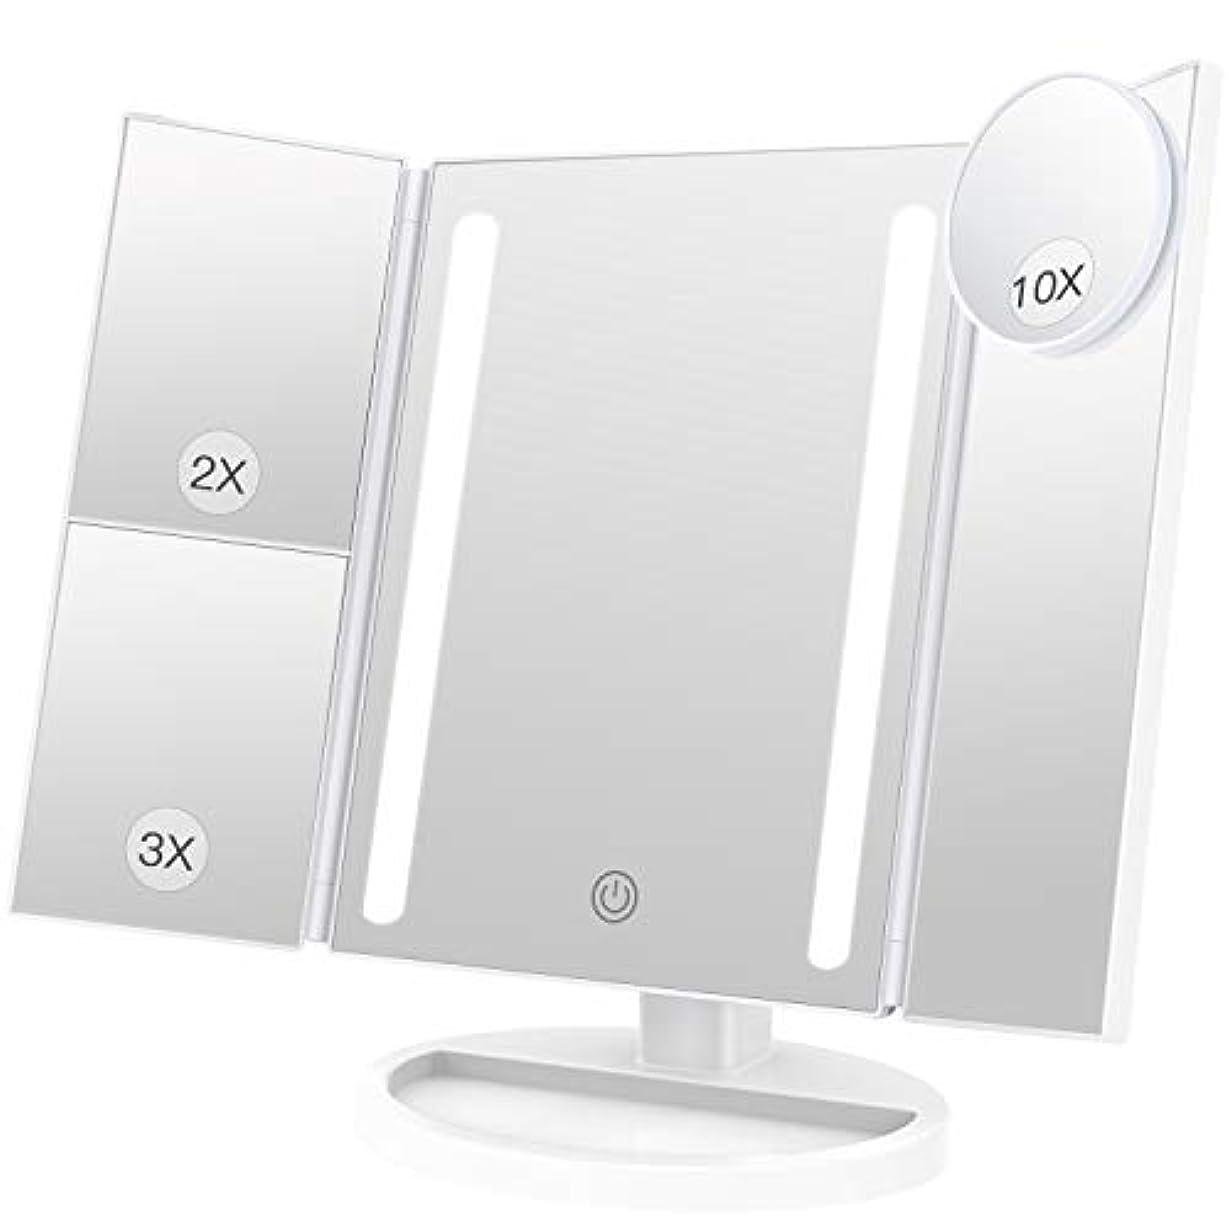 モロニック自慢ポジティブBESTOPE 化粧鏡 卓上鏡 鏡 三面鏡 拡大鏡 卓上 led付き 折りたたみ 2倍&3倍 明るさ調節可能 180°回転 電池&USB 2WAY給電